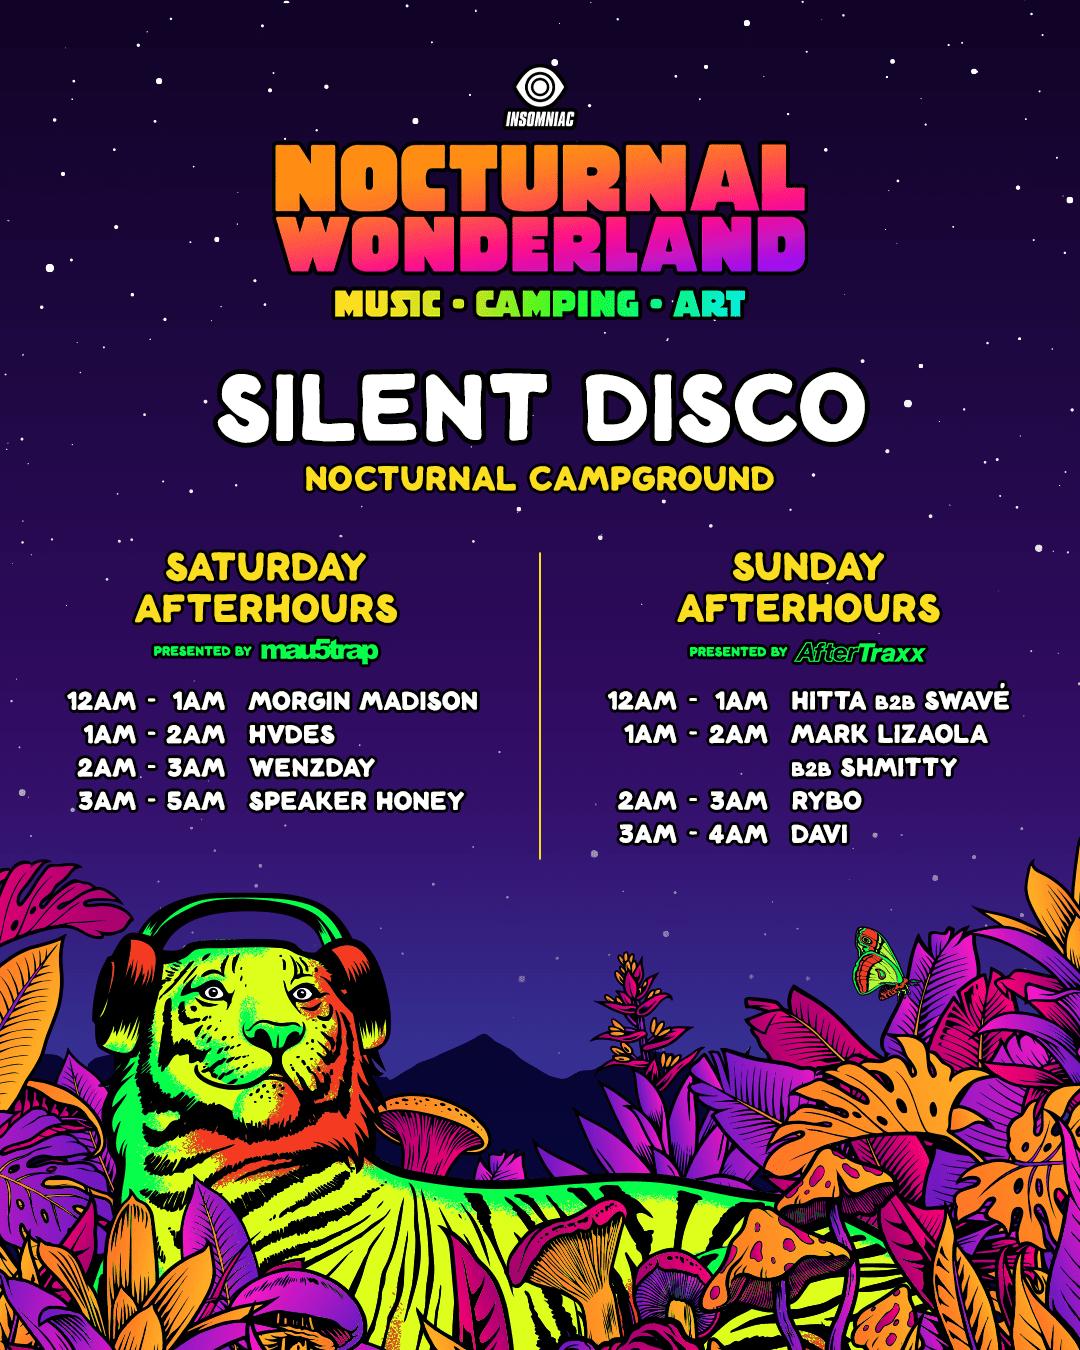 Nocturnal Wonderland Silent Disco 2021